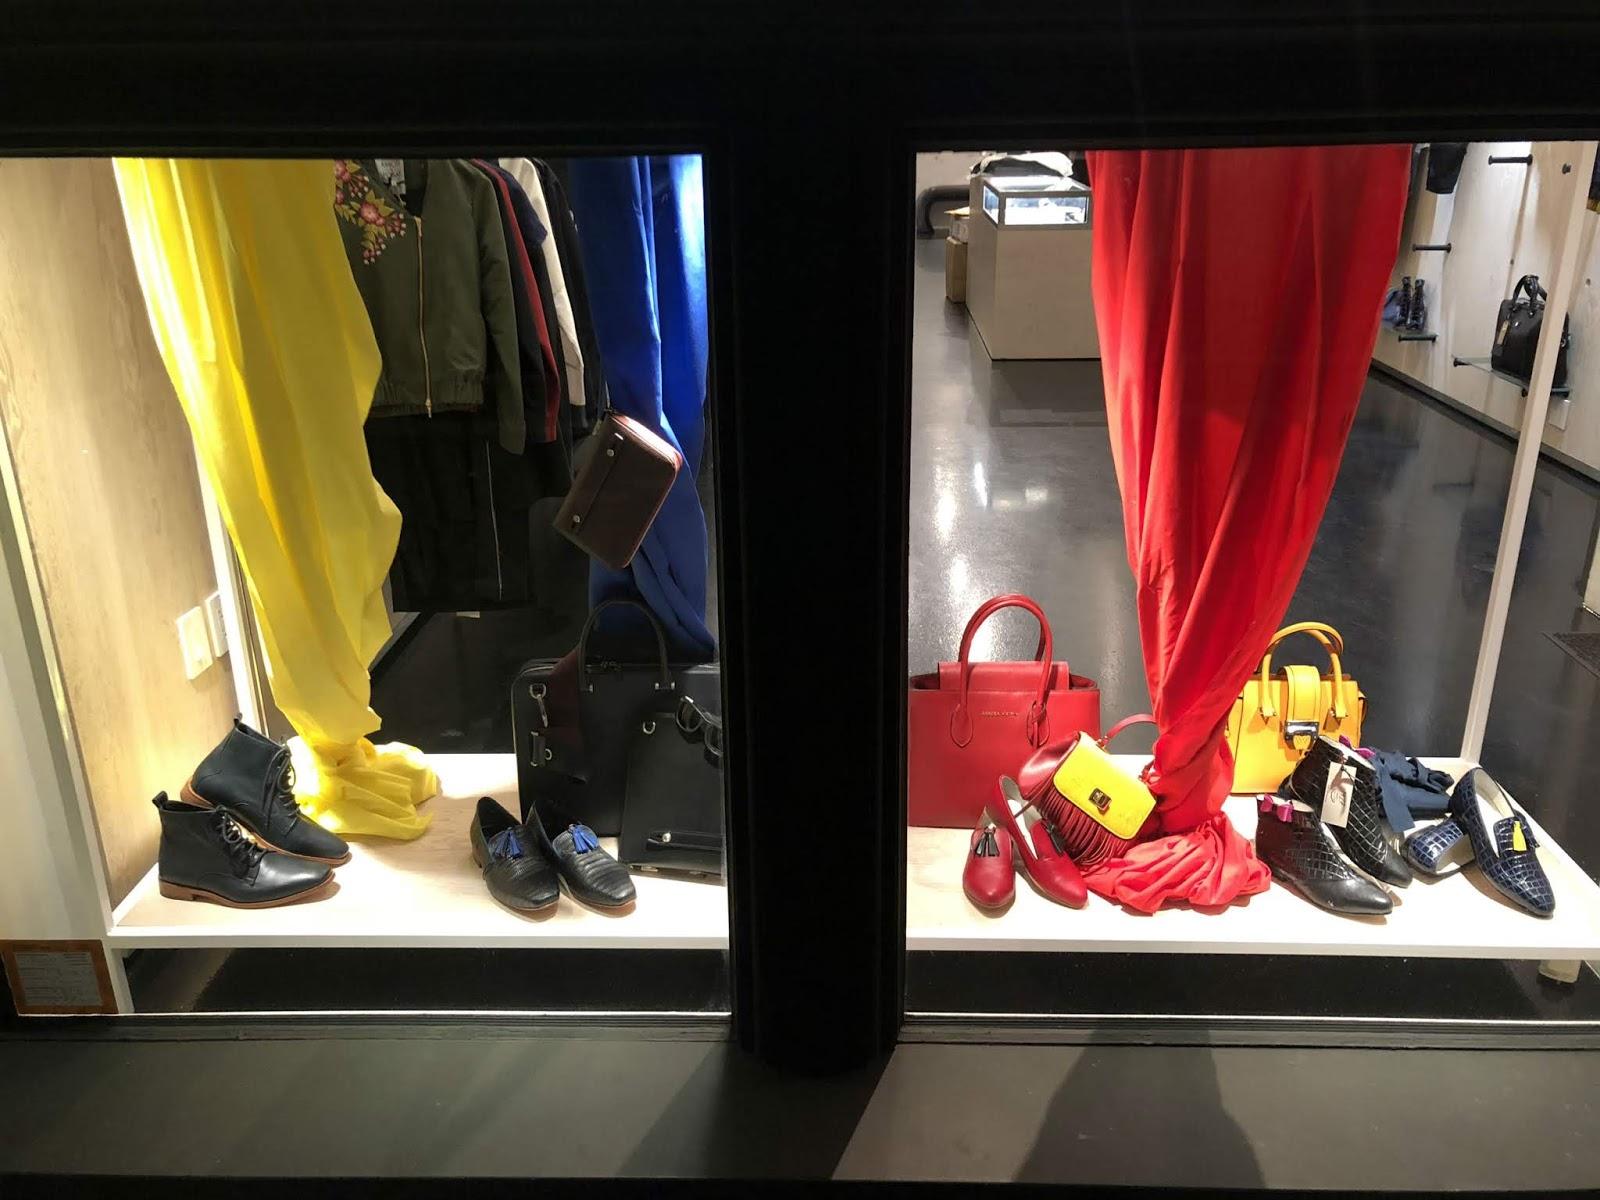 44d080e2 1927shoes lleva sus zapatos a New York: la moda chilena en la gran manzana